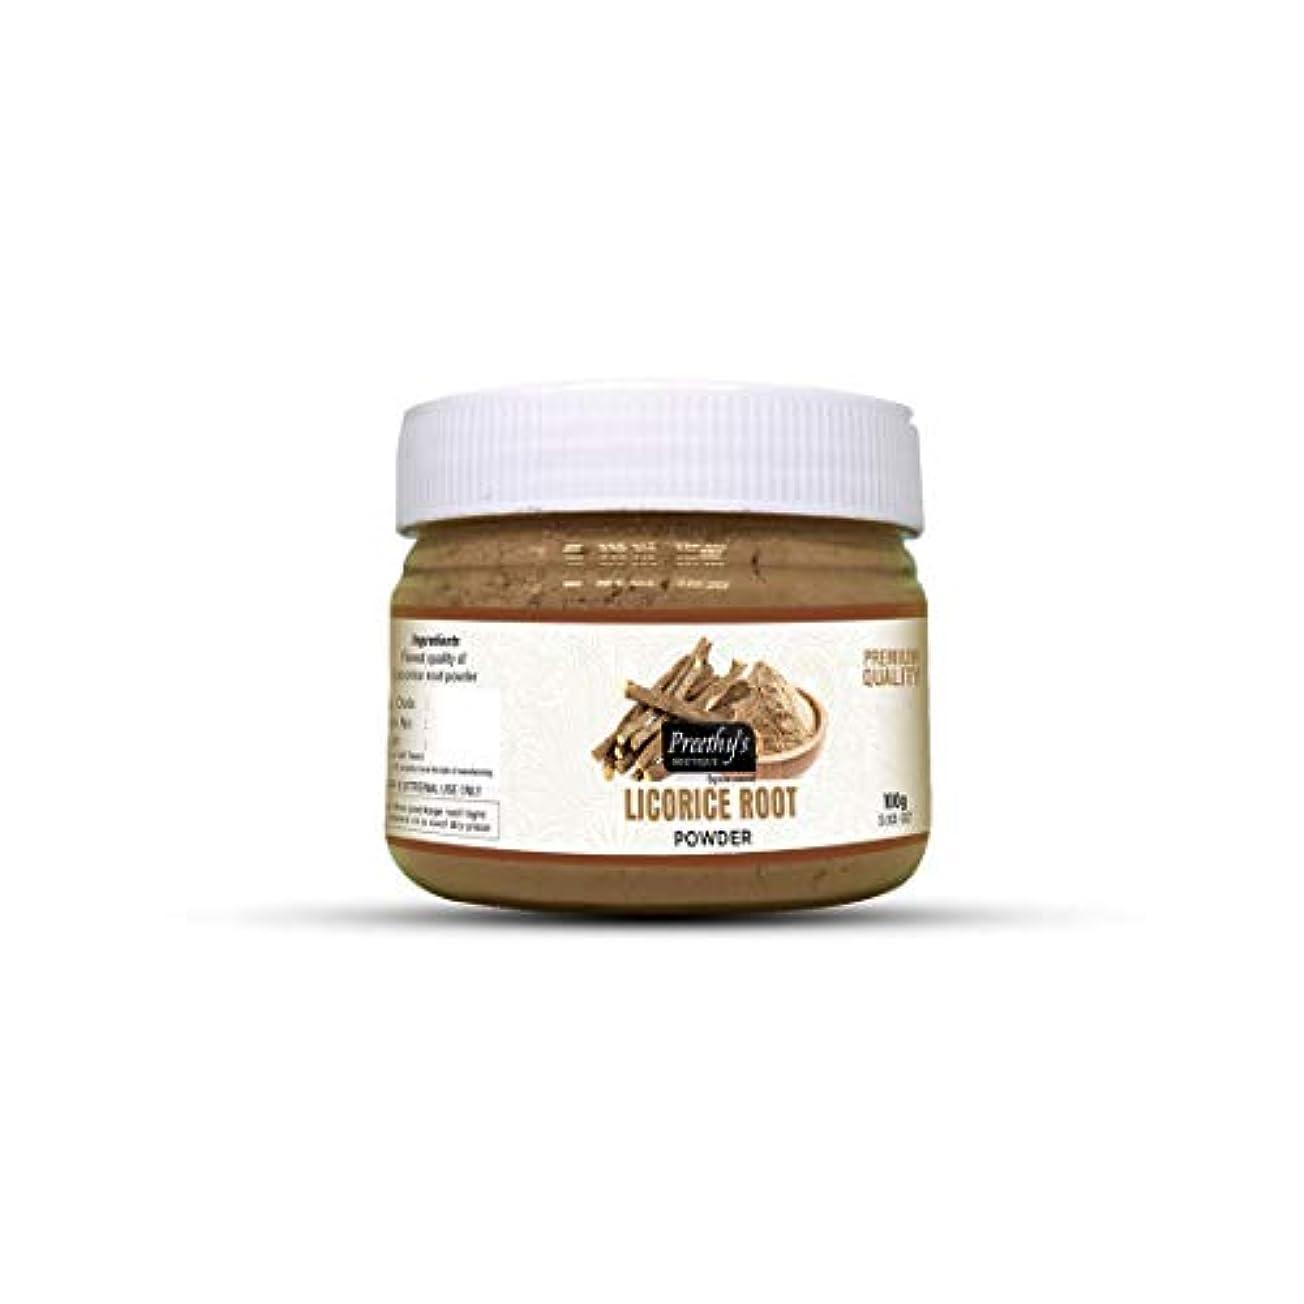 逆にブロンズ素人Licorice (Mulethi) Powder For Skin Whitening 100 Grams - Natural Remedies for Skin disorders - Helps to diminish and lighten dark spots, age spots, blackheads, whiteheads - 100グラムを白くする肌用の甘草(Mulethi)パウダー-スキンブライトニング-ダークスポット、エイジスポット、にきび、ホワイトヘッドを減らして明るくするのに役立ちます